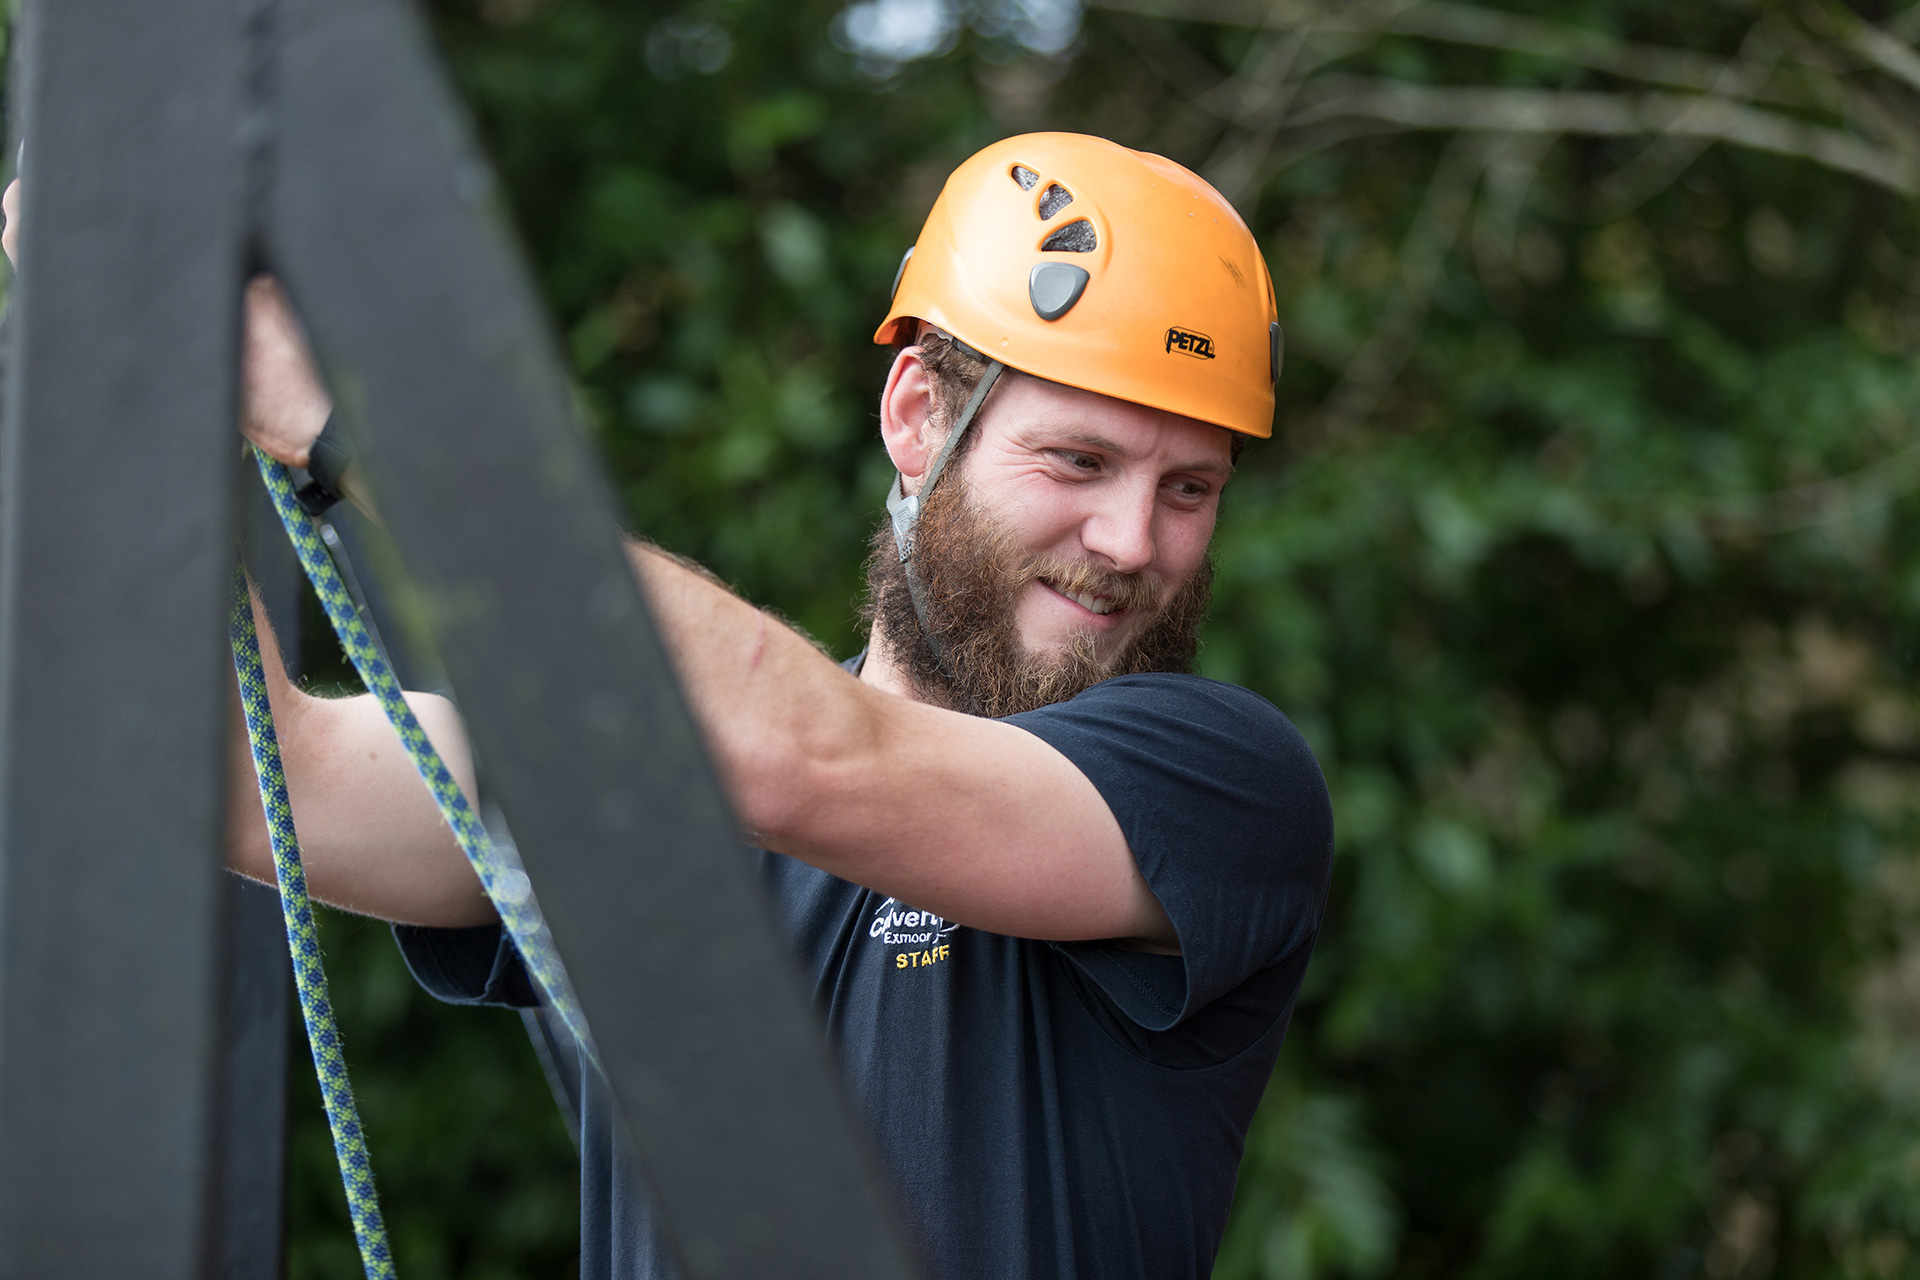 Smiling Calvert Trust Exmoor activities instructor with ropes wearing a helmet